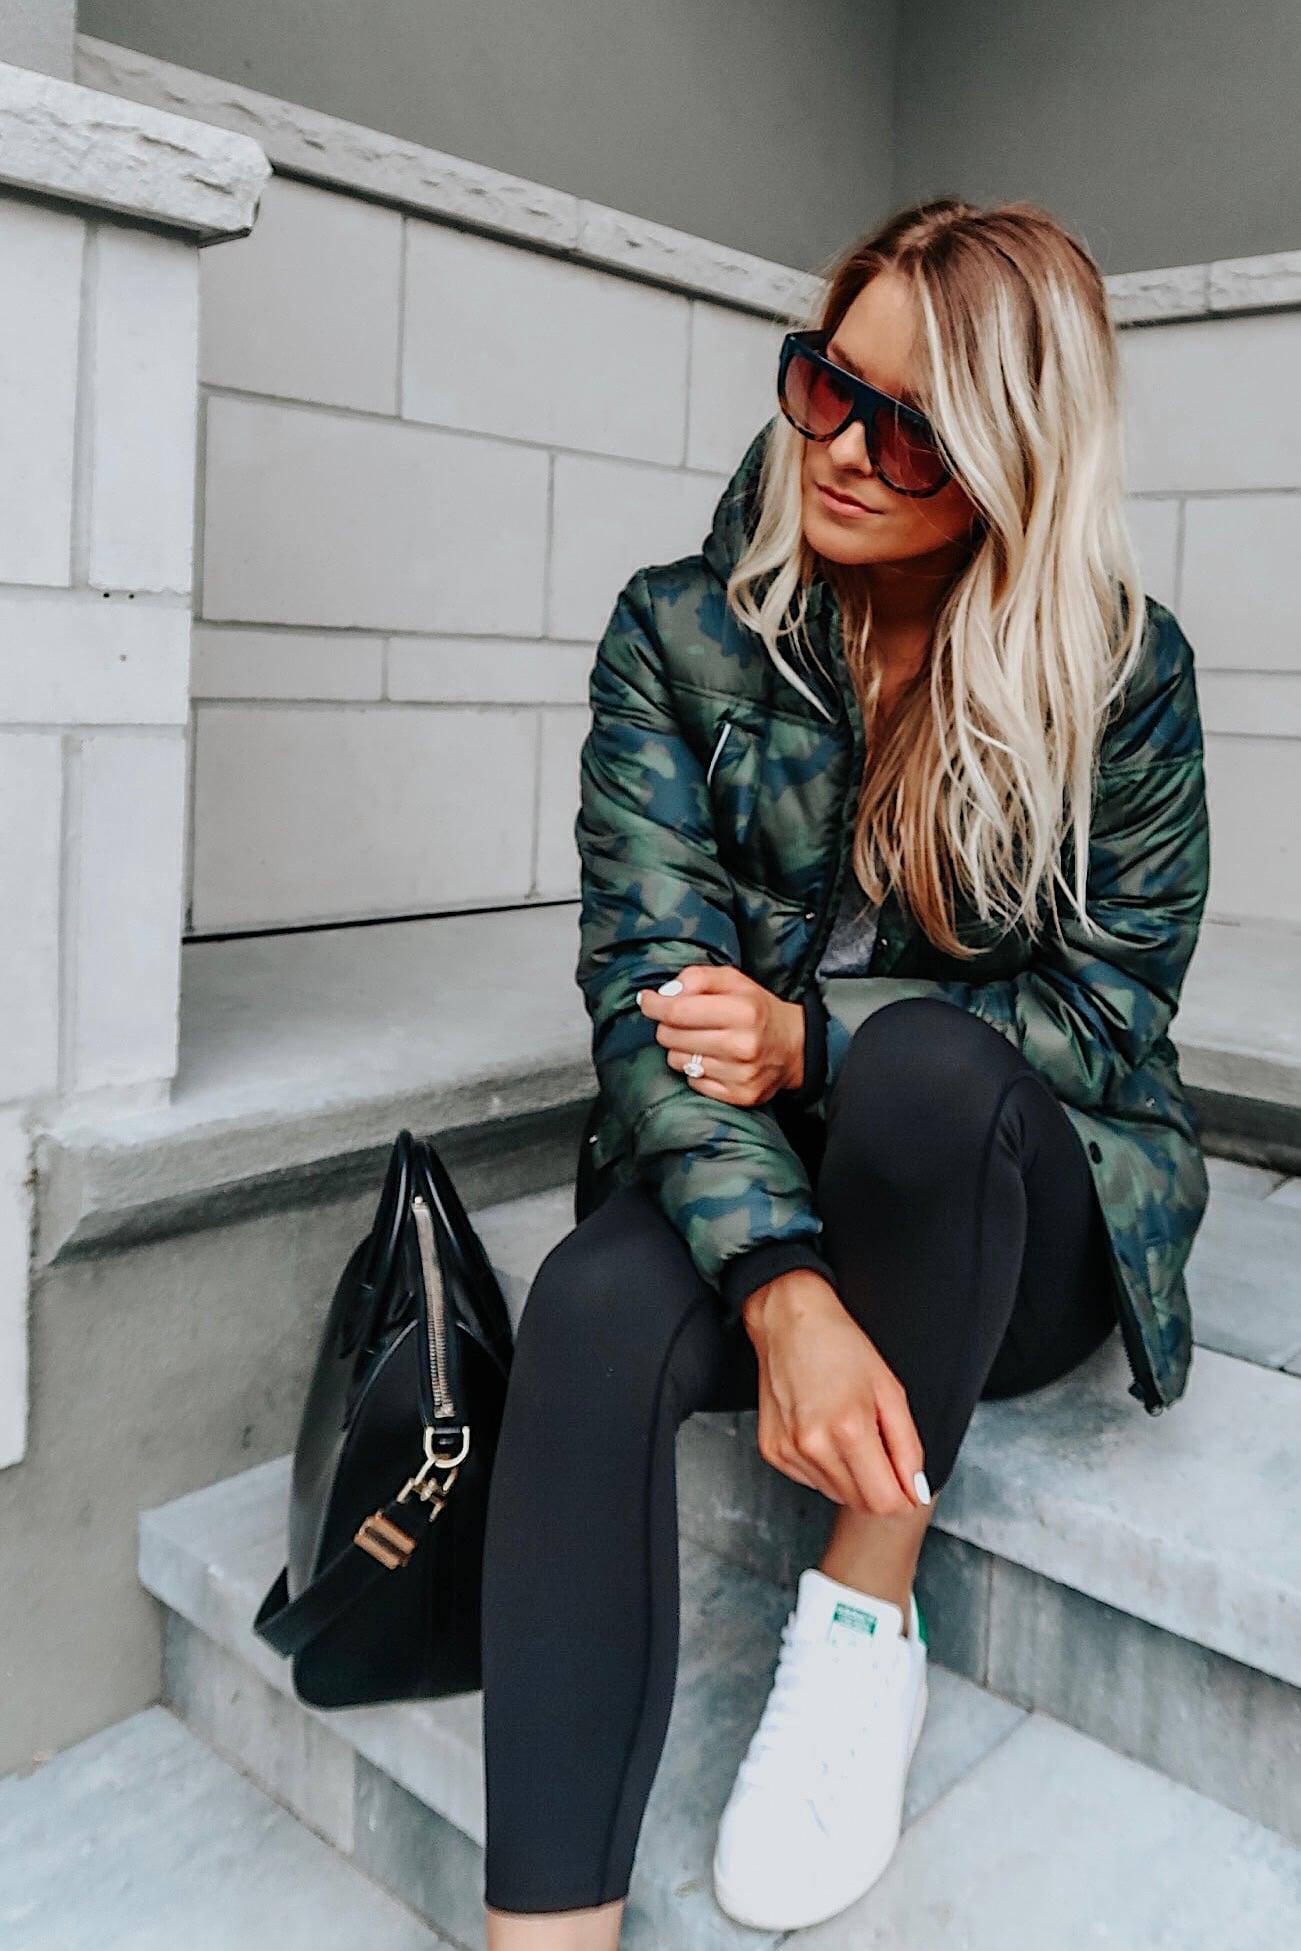 1 person, fashion blogger in camo jacket, Givenchy antigona bag, fall outfit Inspo